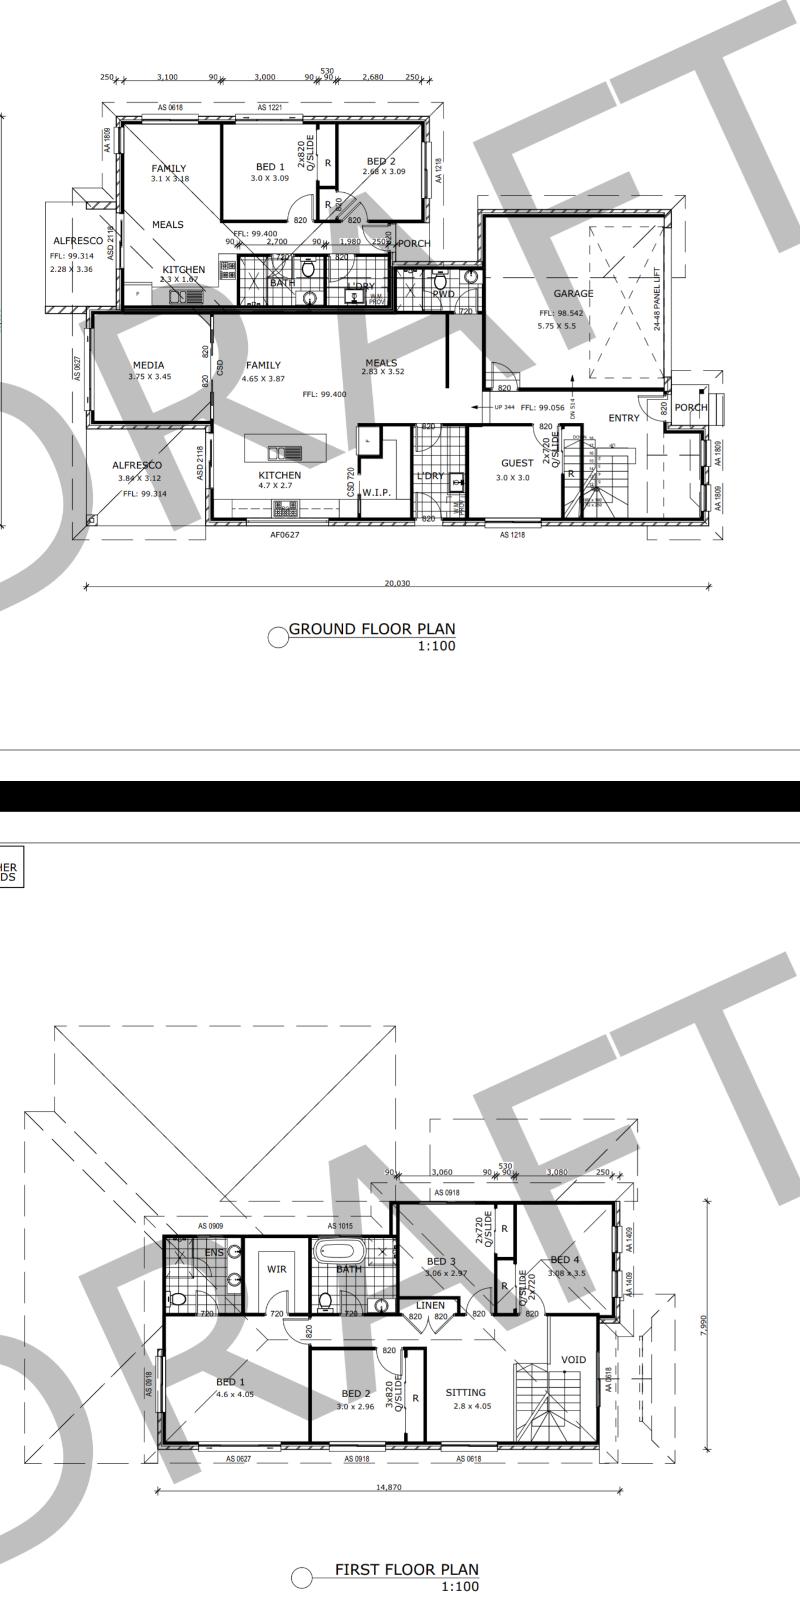 Need feedback on our floor plan